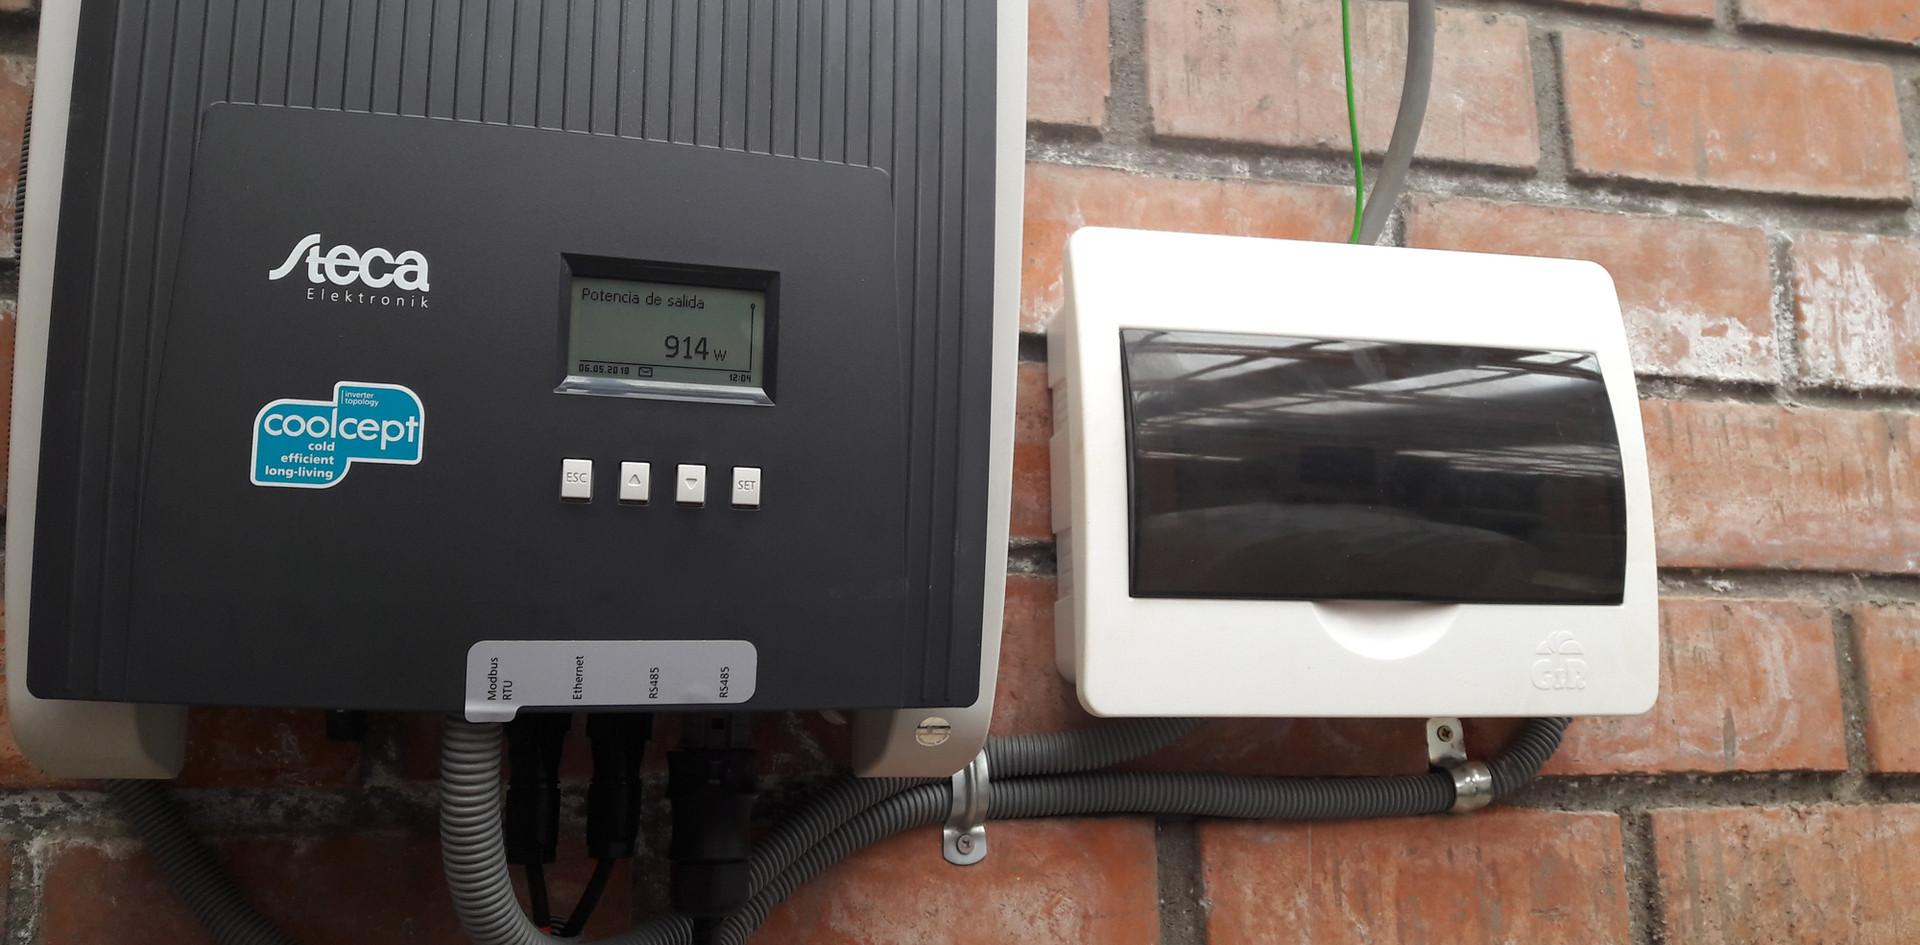 conexiones de cableado.jpg